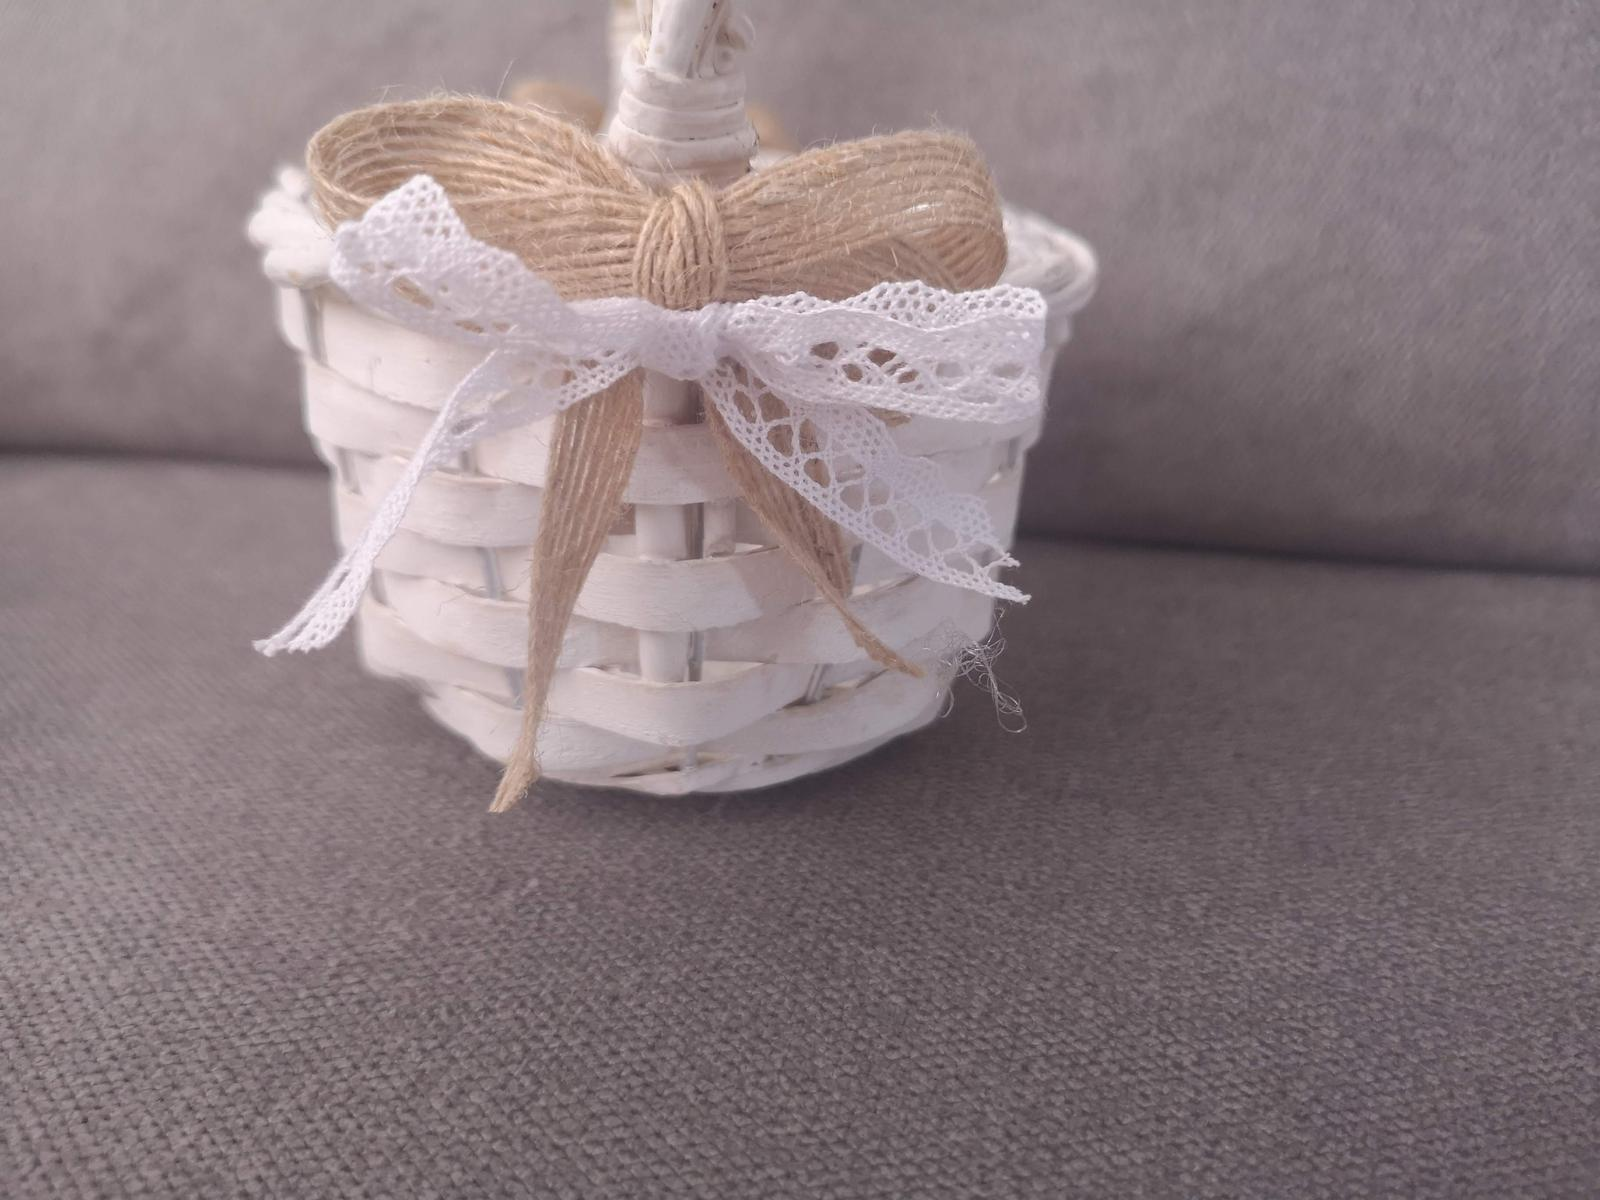 Košíček - Obrázek č. 1